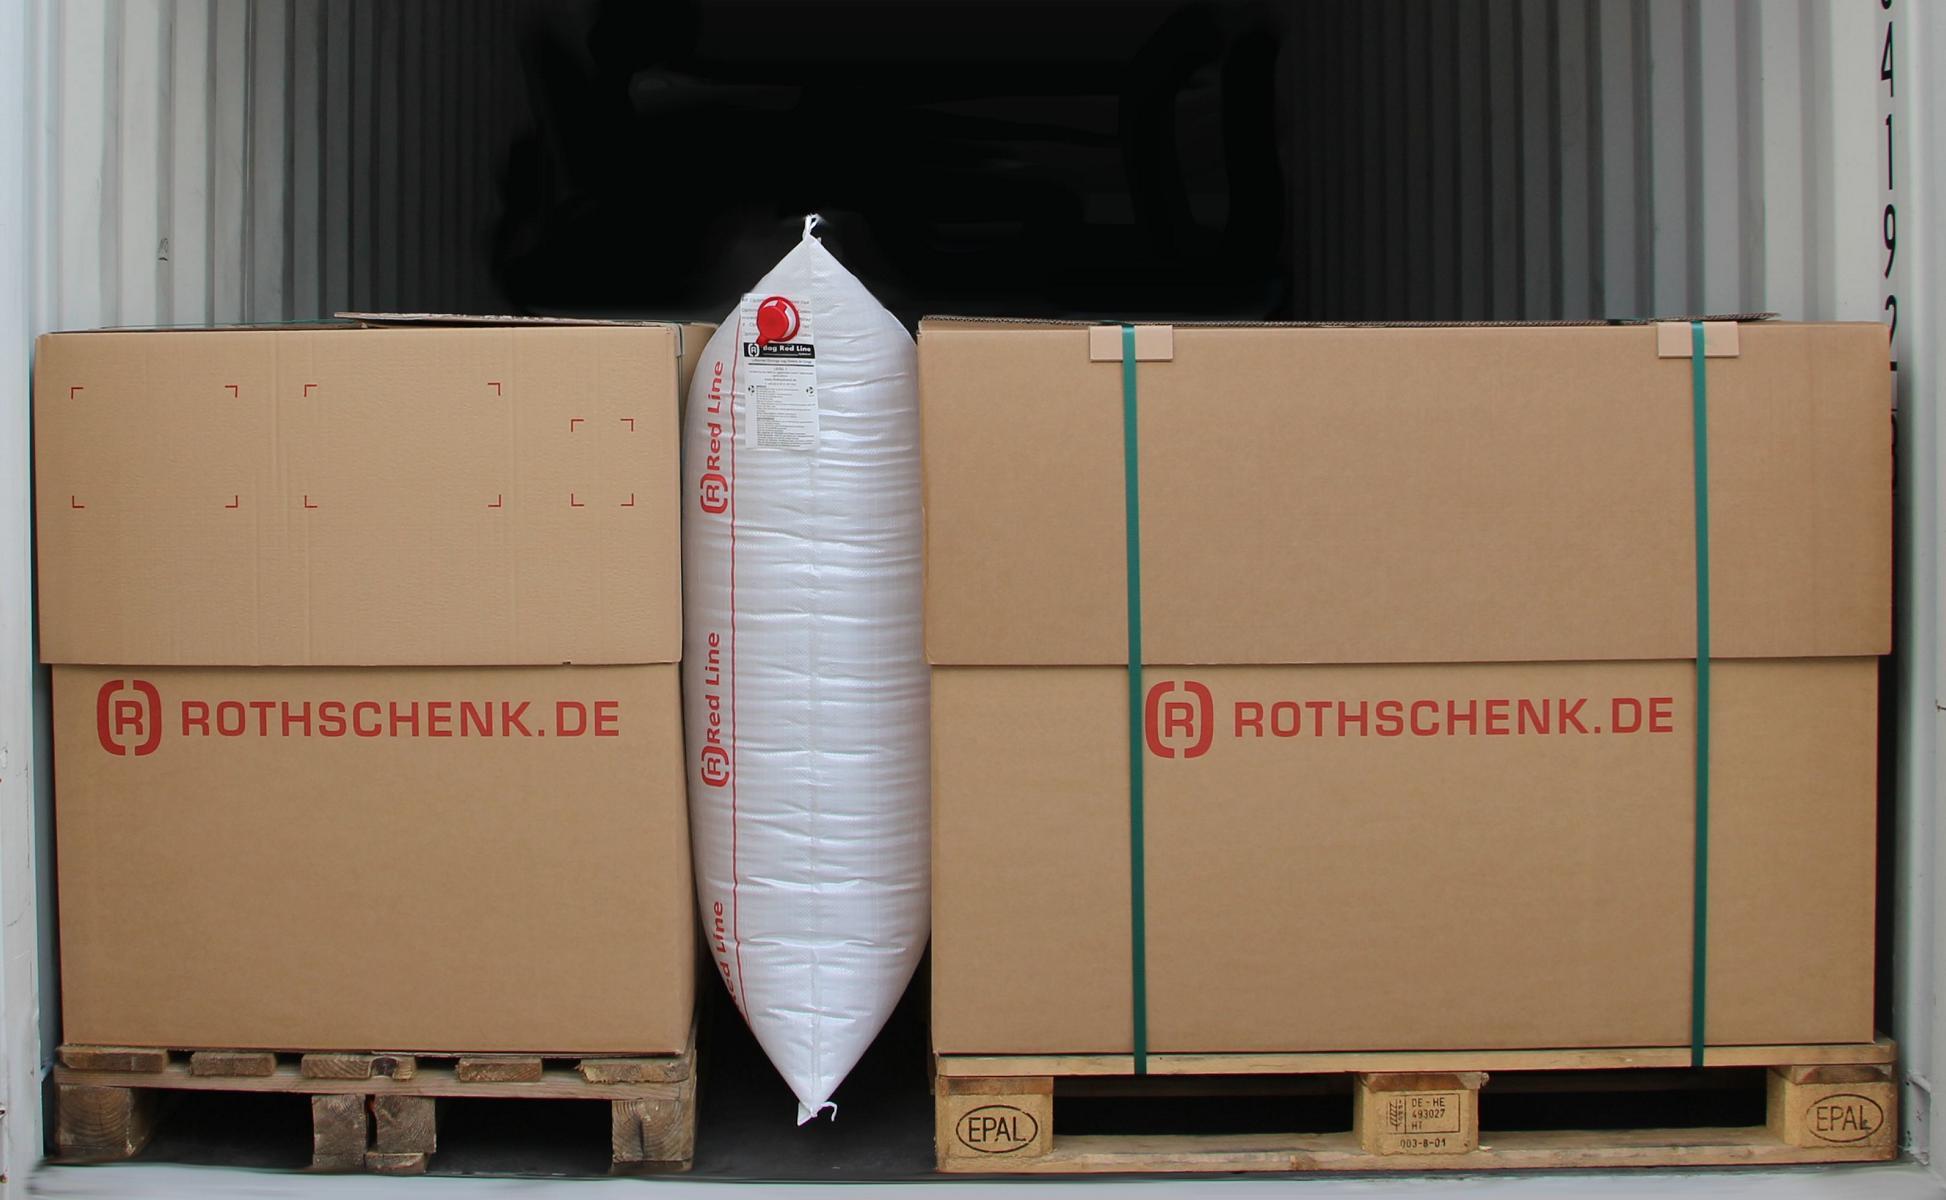 Ein aufgeblasenes Red-Line-Staupolster sichert zwei Paletten in einem Container vorm Verrutschen.